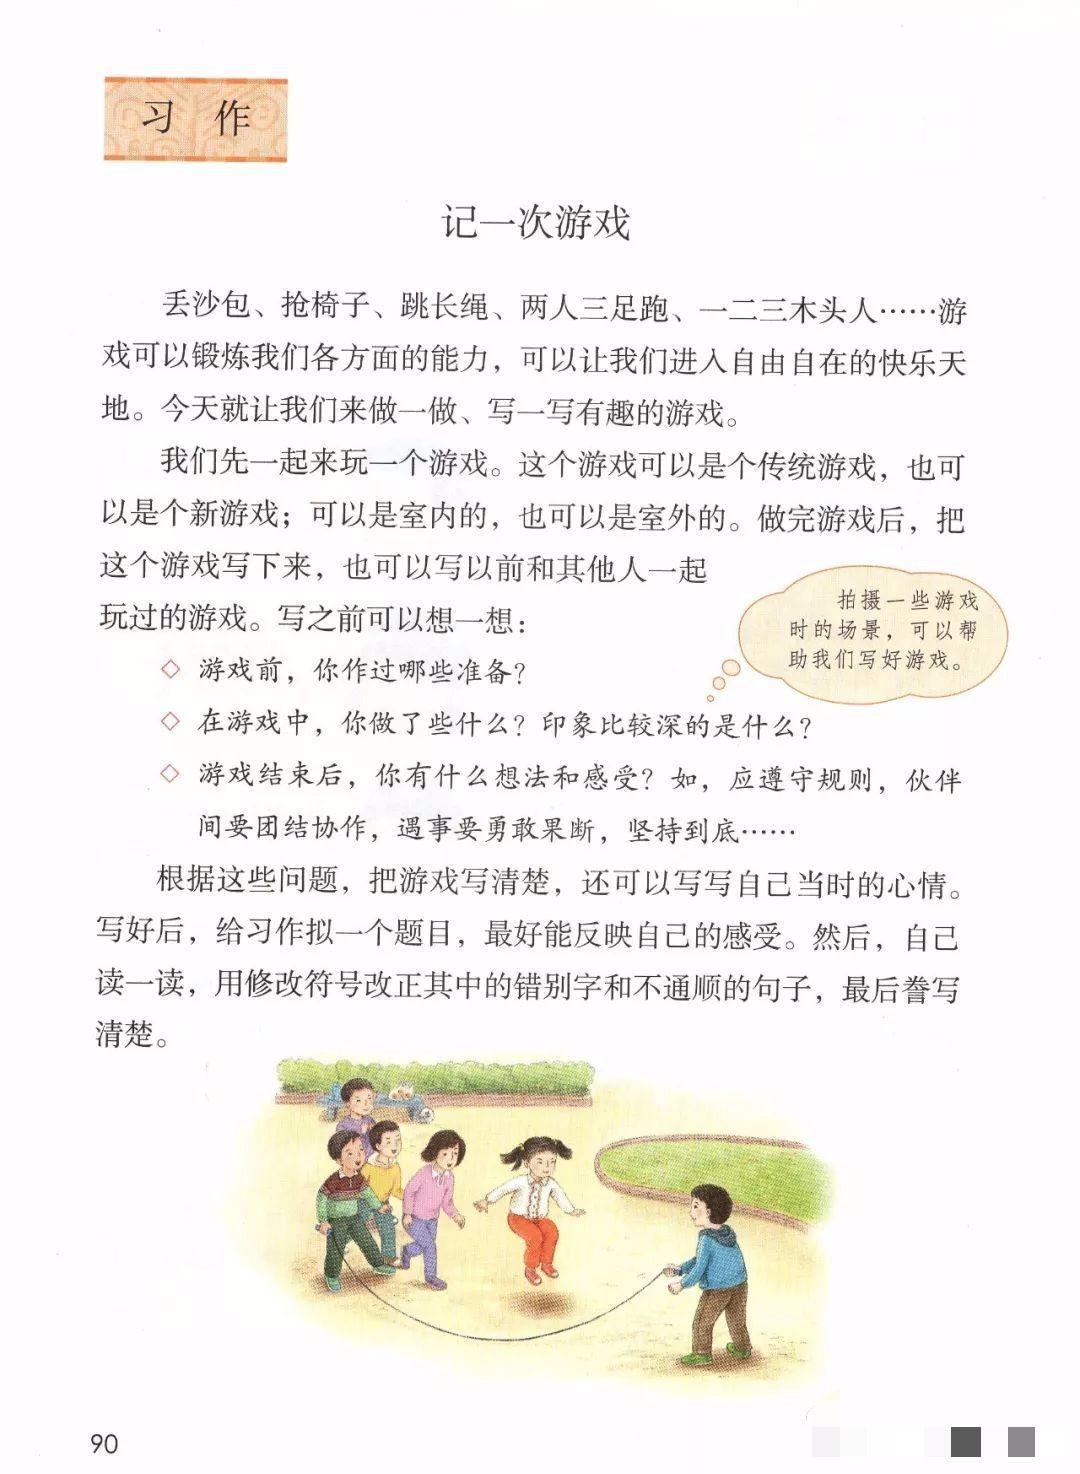 部编版四年级上册习作五《记一次游戏》写作指导、范文评语